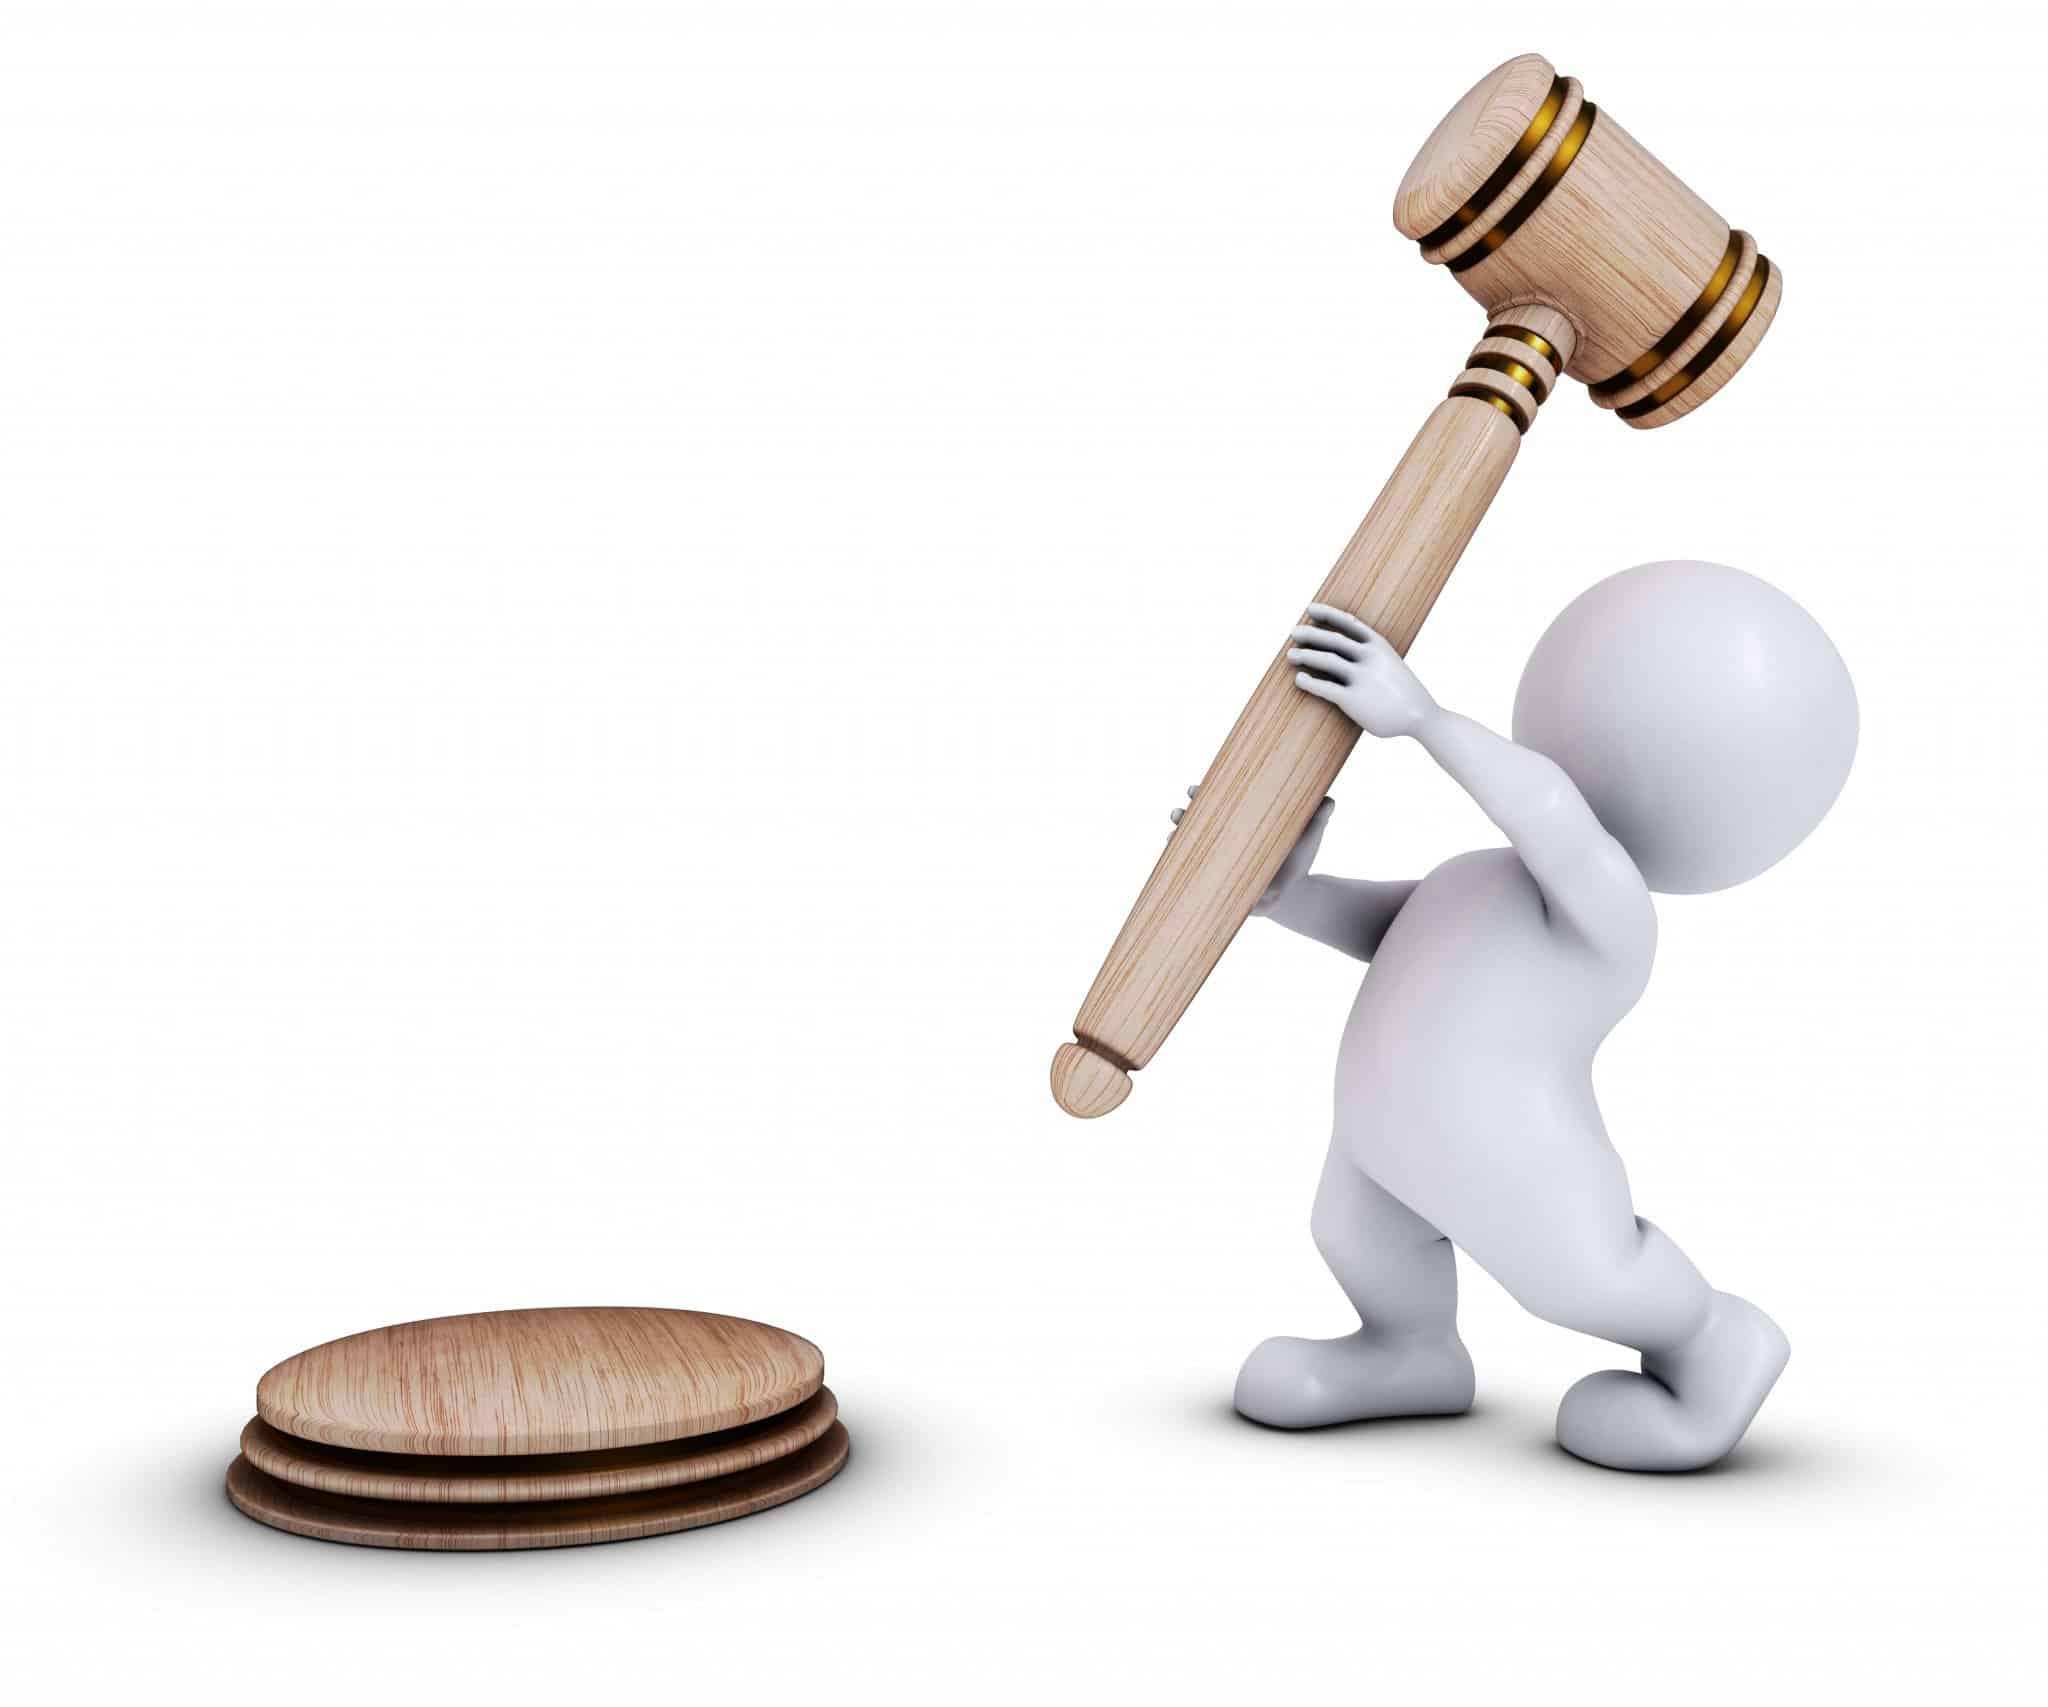 סעיפים שאתם חייבים לדעת על חקירה פלילית